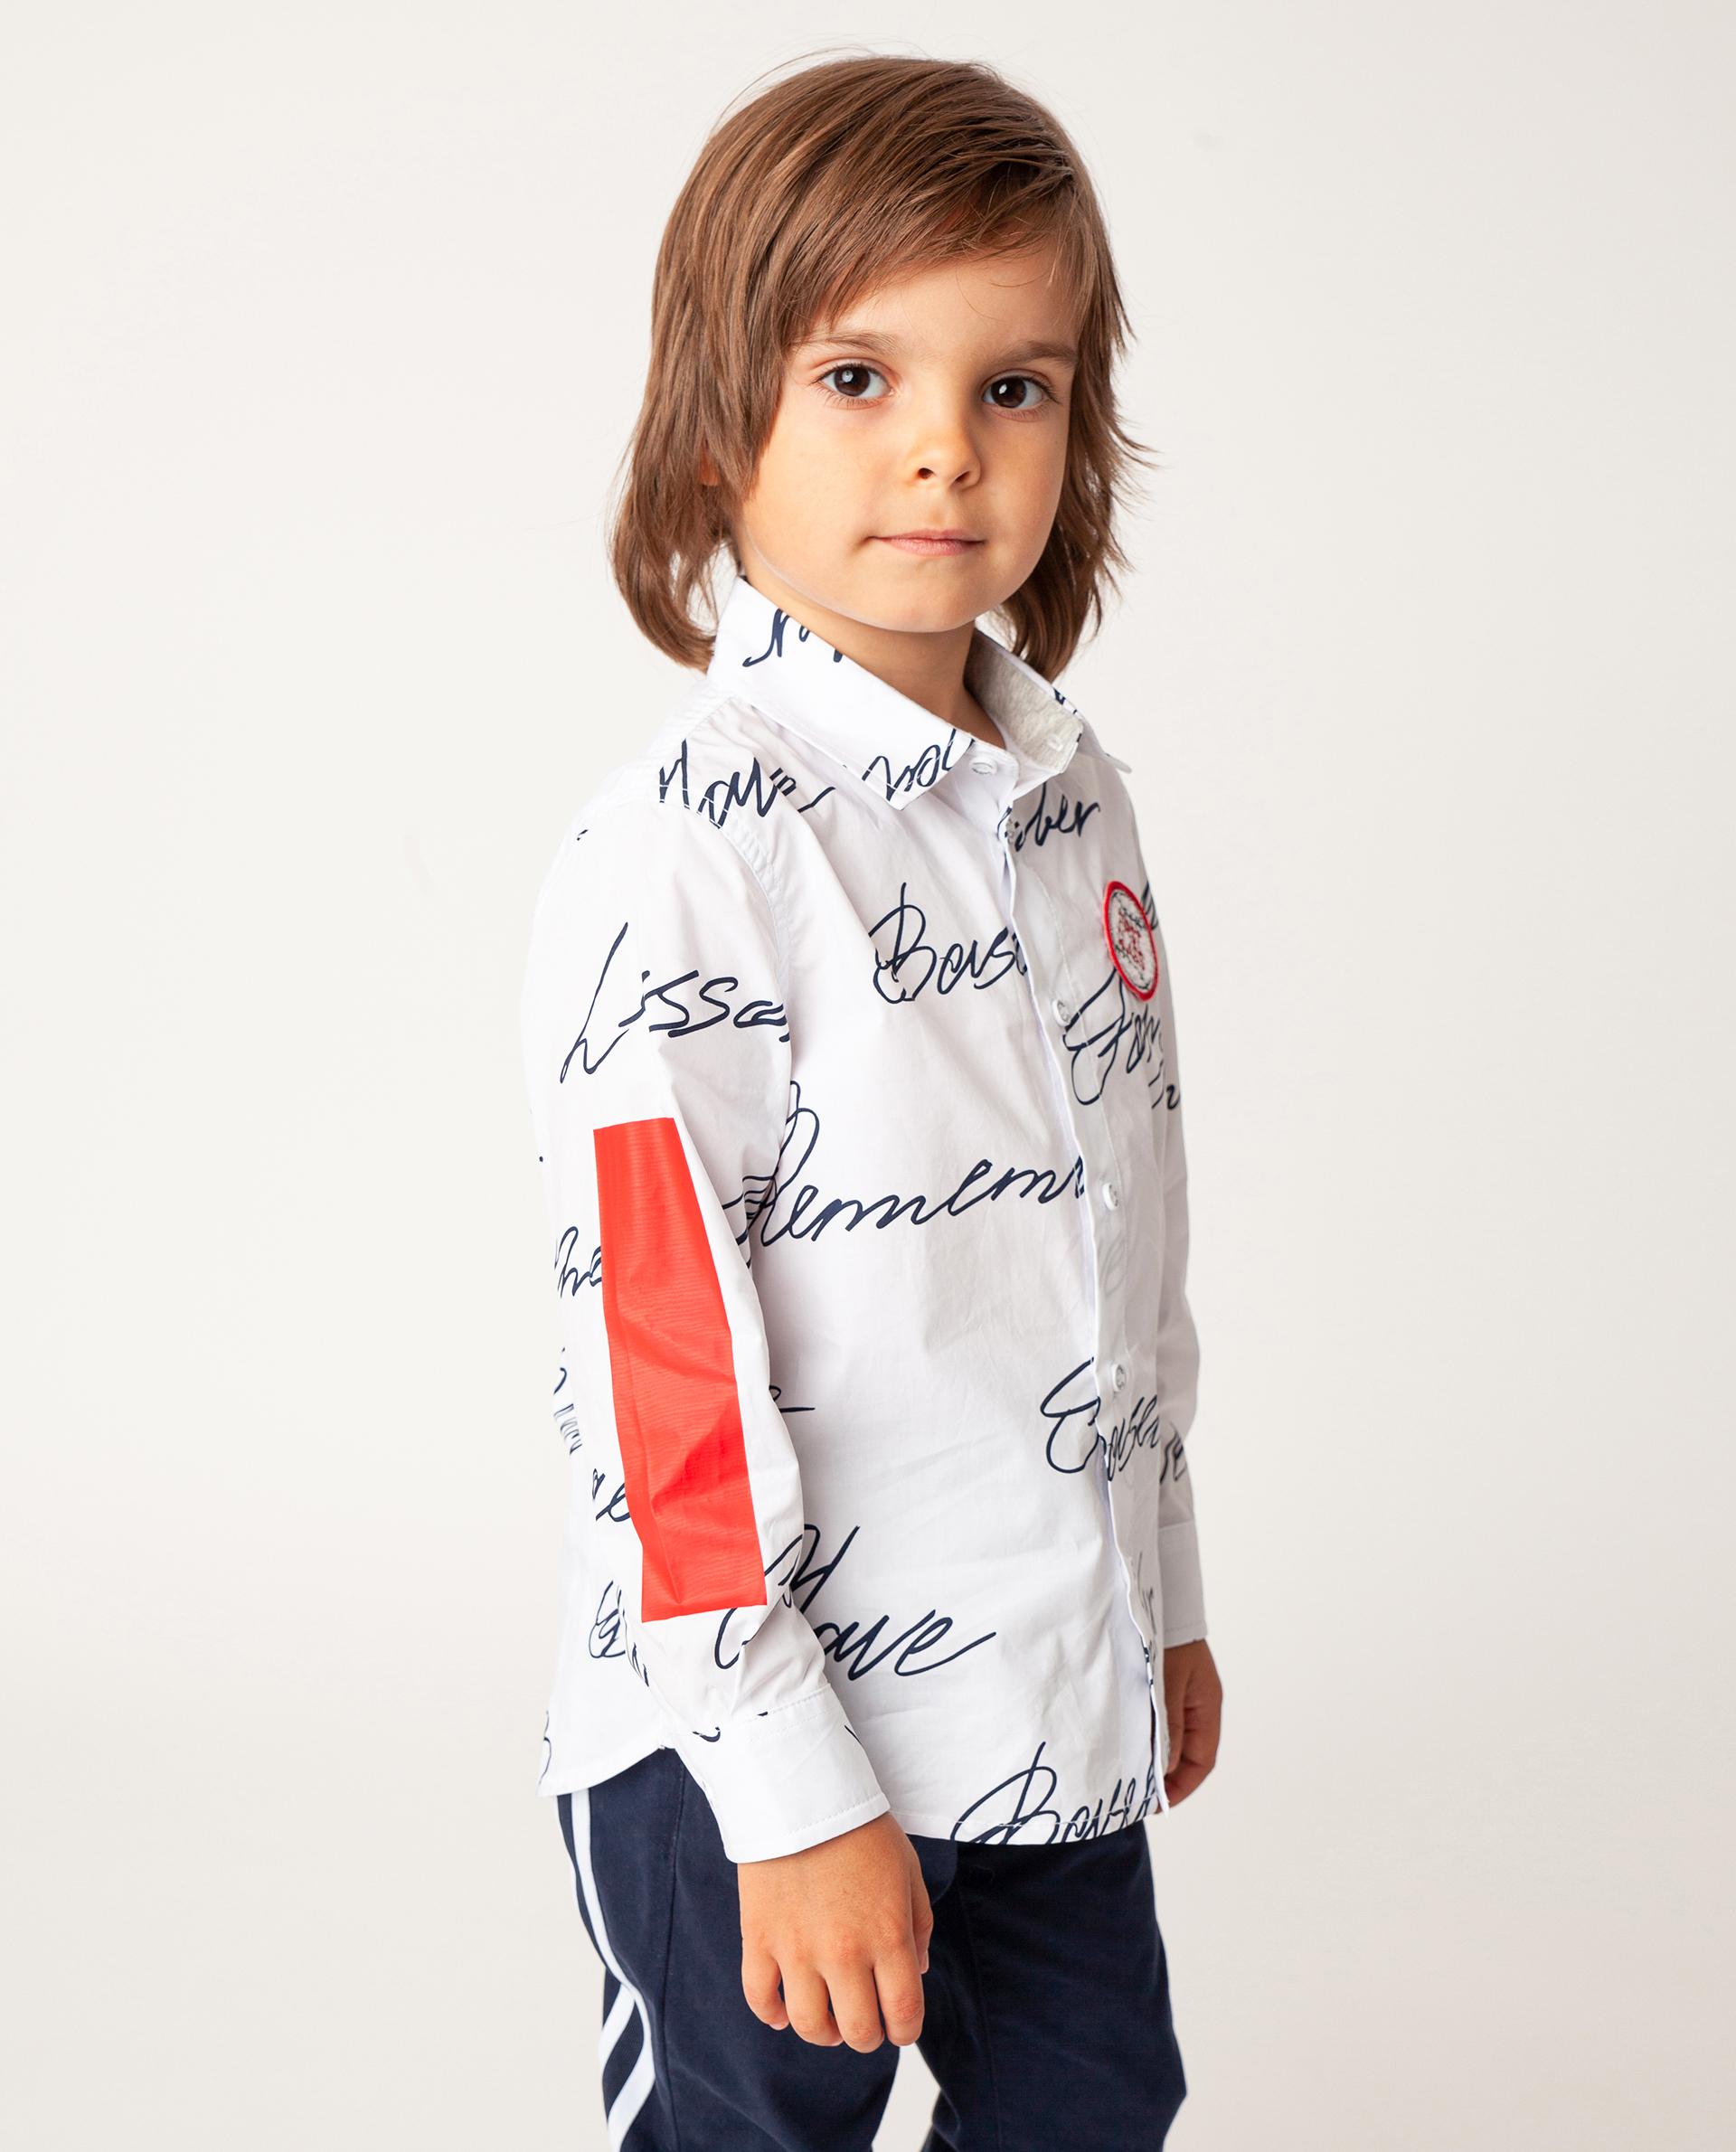 Купить 22005BMC2301, Белая рубашка с длинным рукавом Gulliver, белый, 110, Хлопок, Мужской, Демисезон, ОСЕНЬ/ЗИМА 2020-2021 (shop: GulliverMarket Gulliver Market)